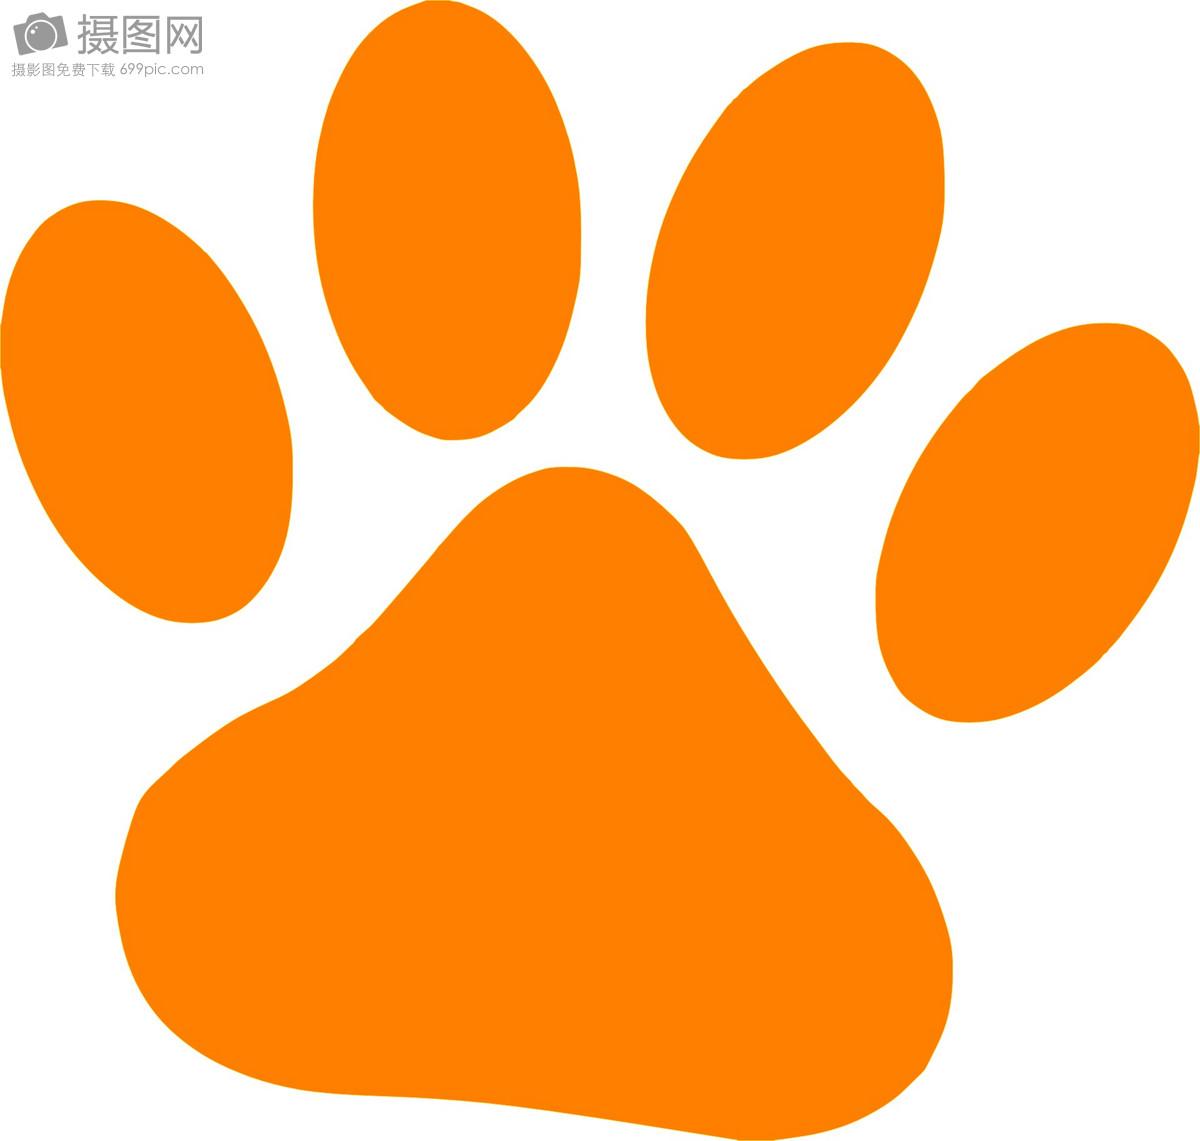 标签: 爪子猫橙色脚印动物狗跟踪免费亚博手机版登录免费插画免费图片爪子